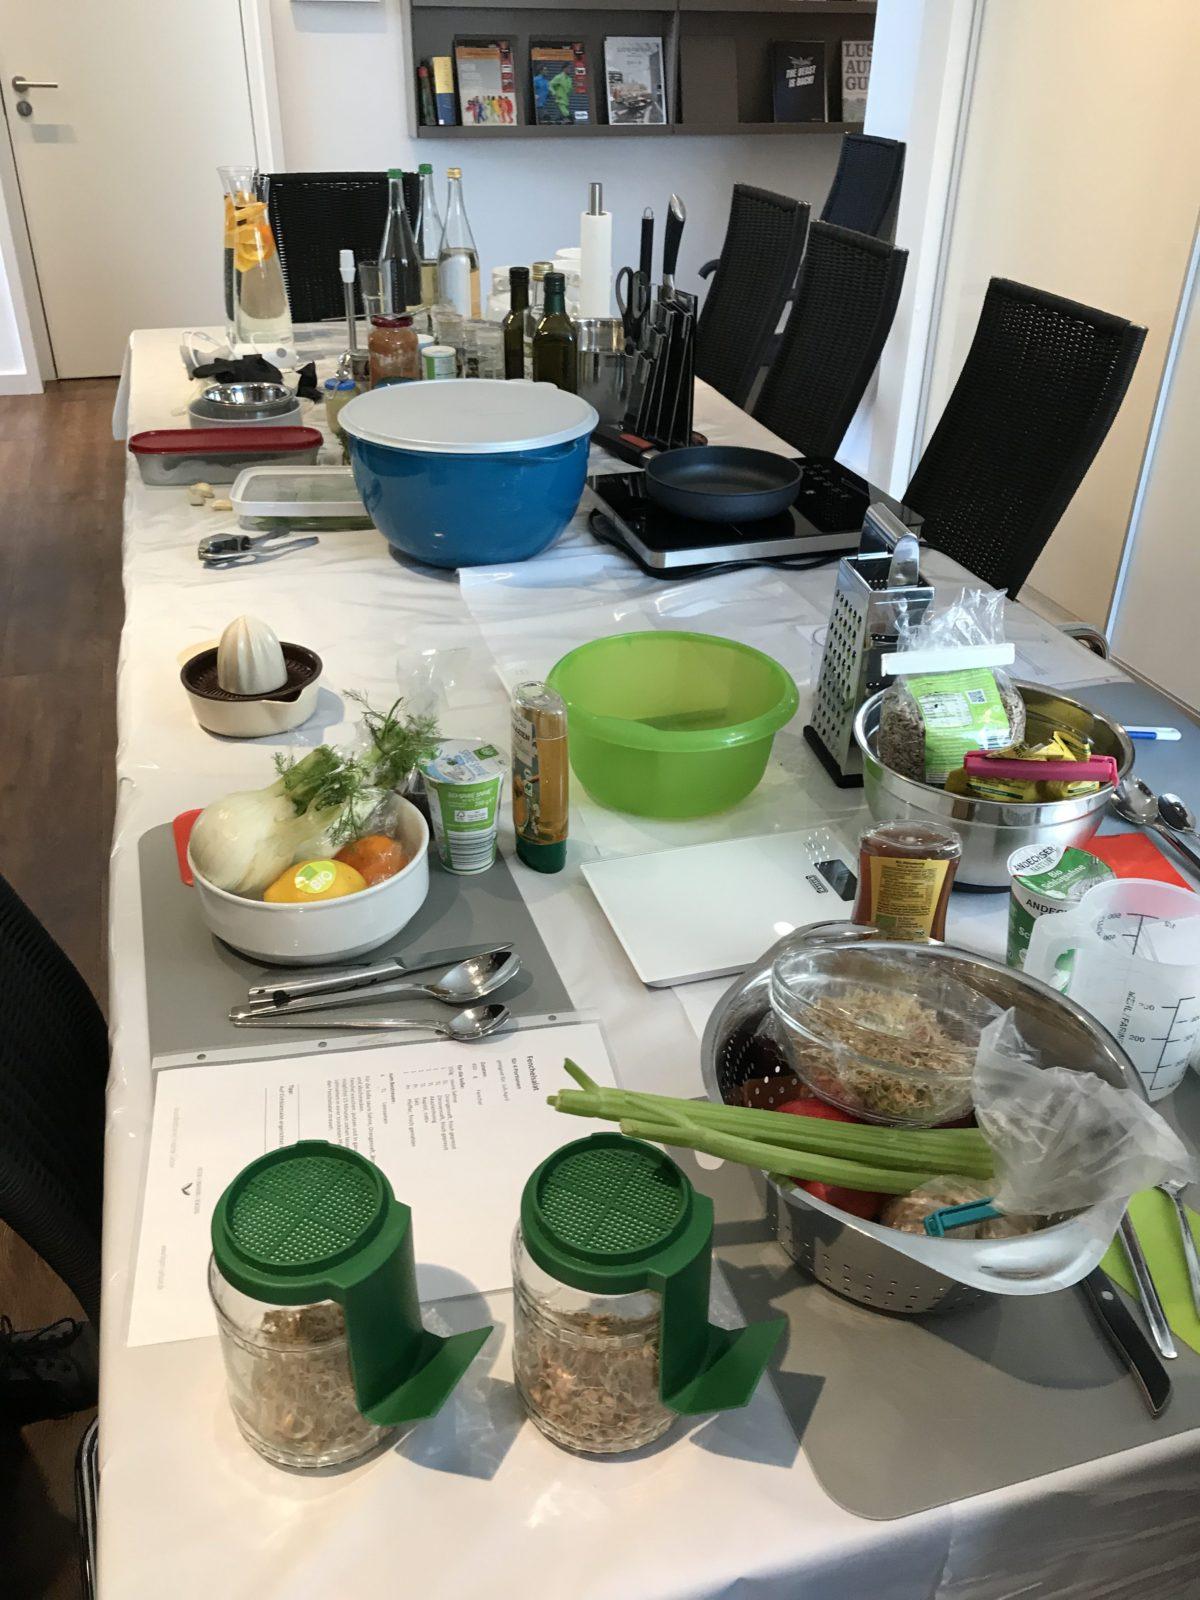 gesund kochen alles vorbereitet